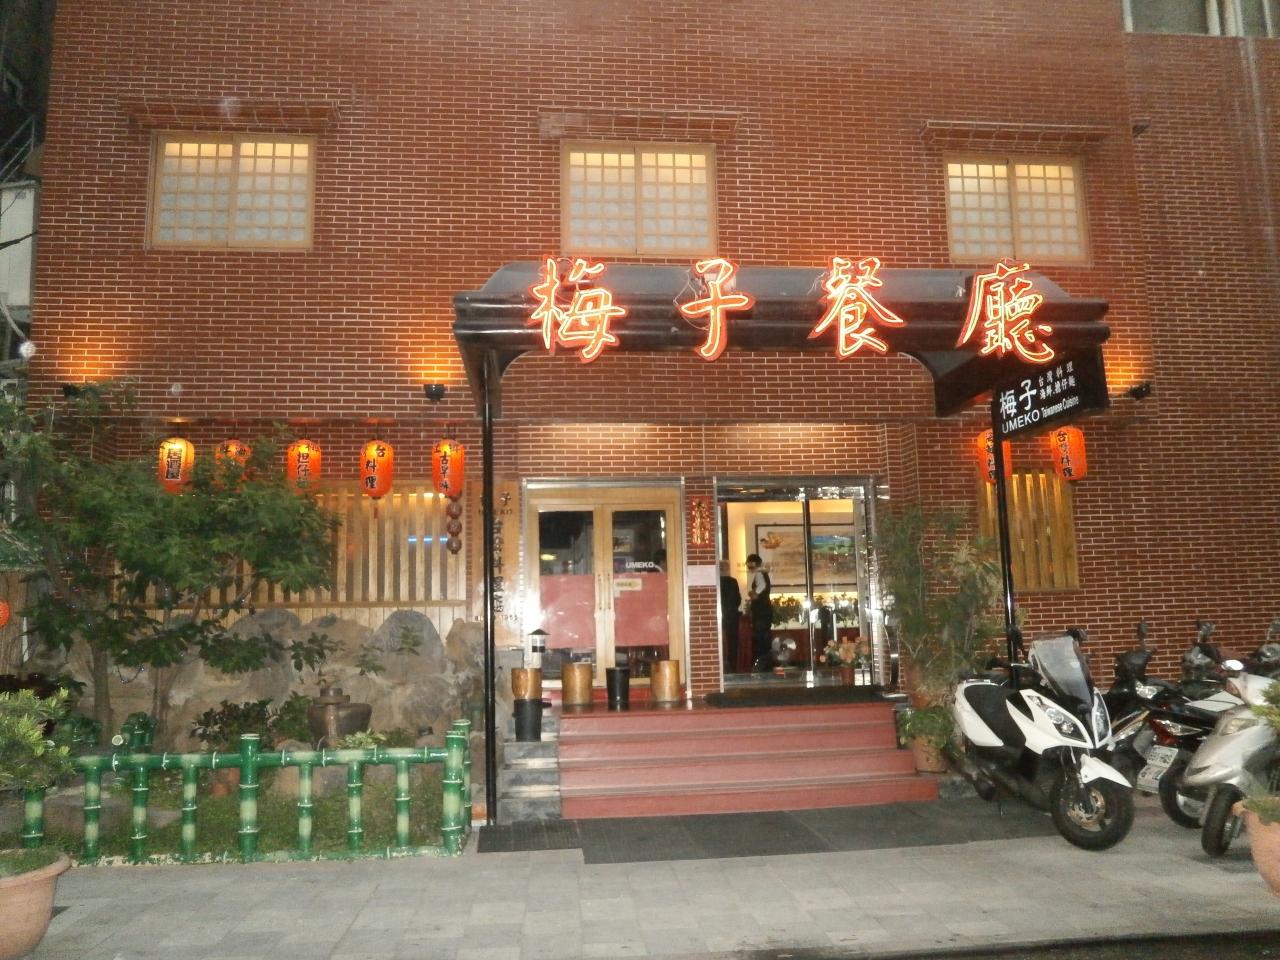 『グルメ&温泉(2)』台北(台湾)の旅行記・ブログ by hatokenさん ...